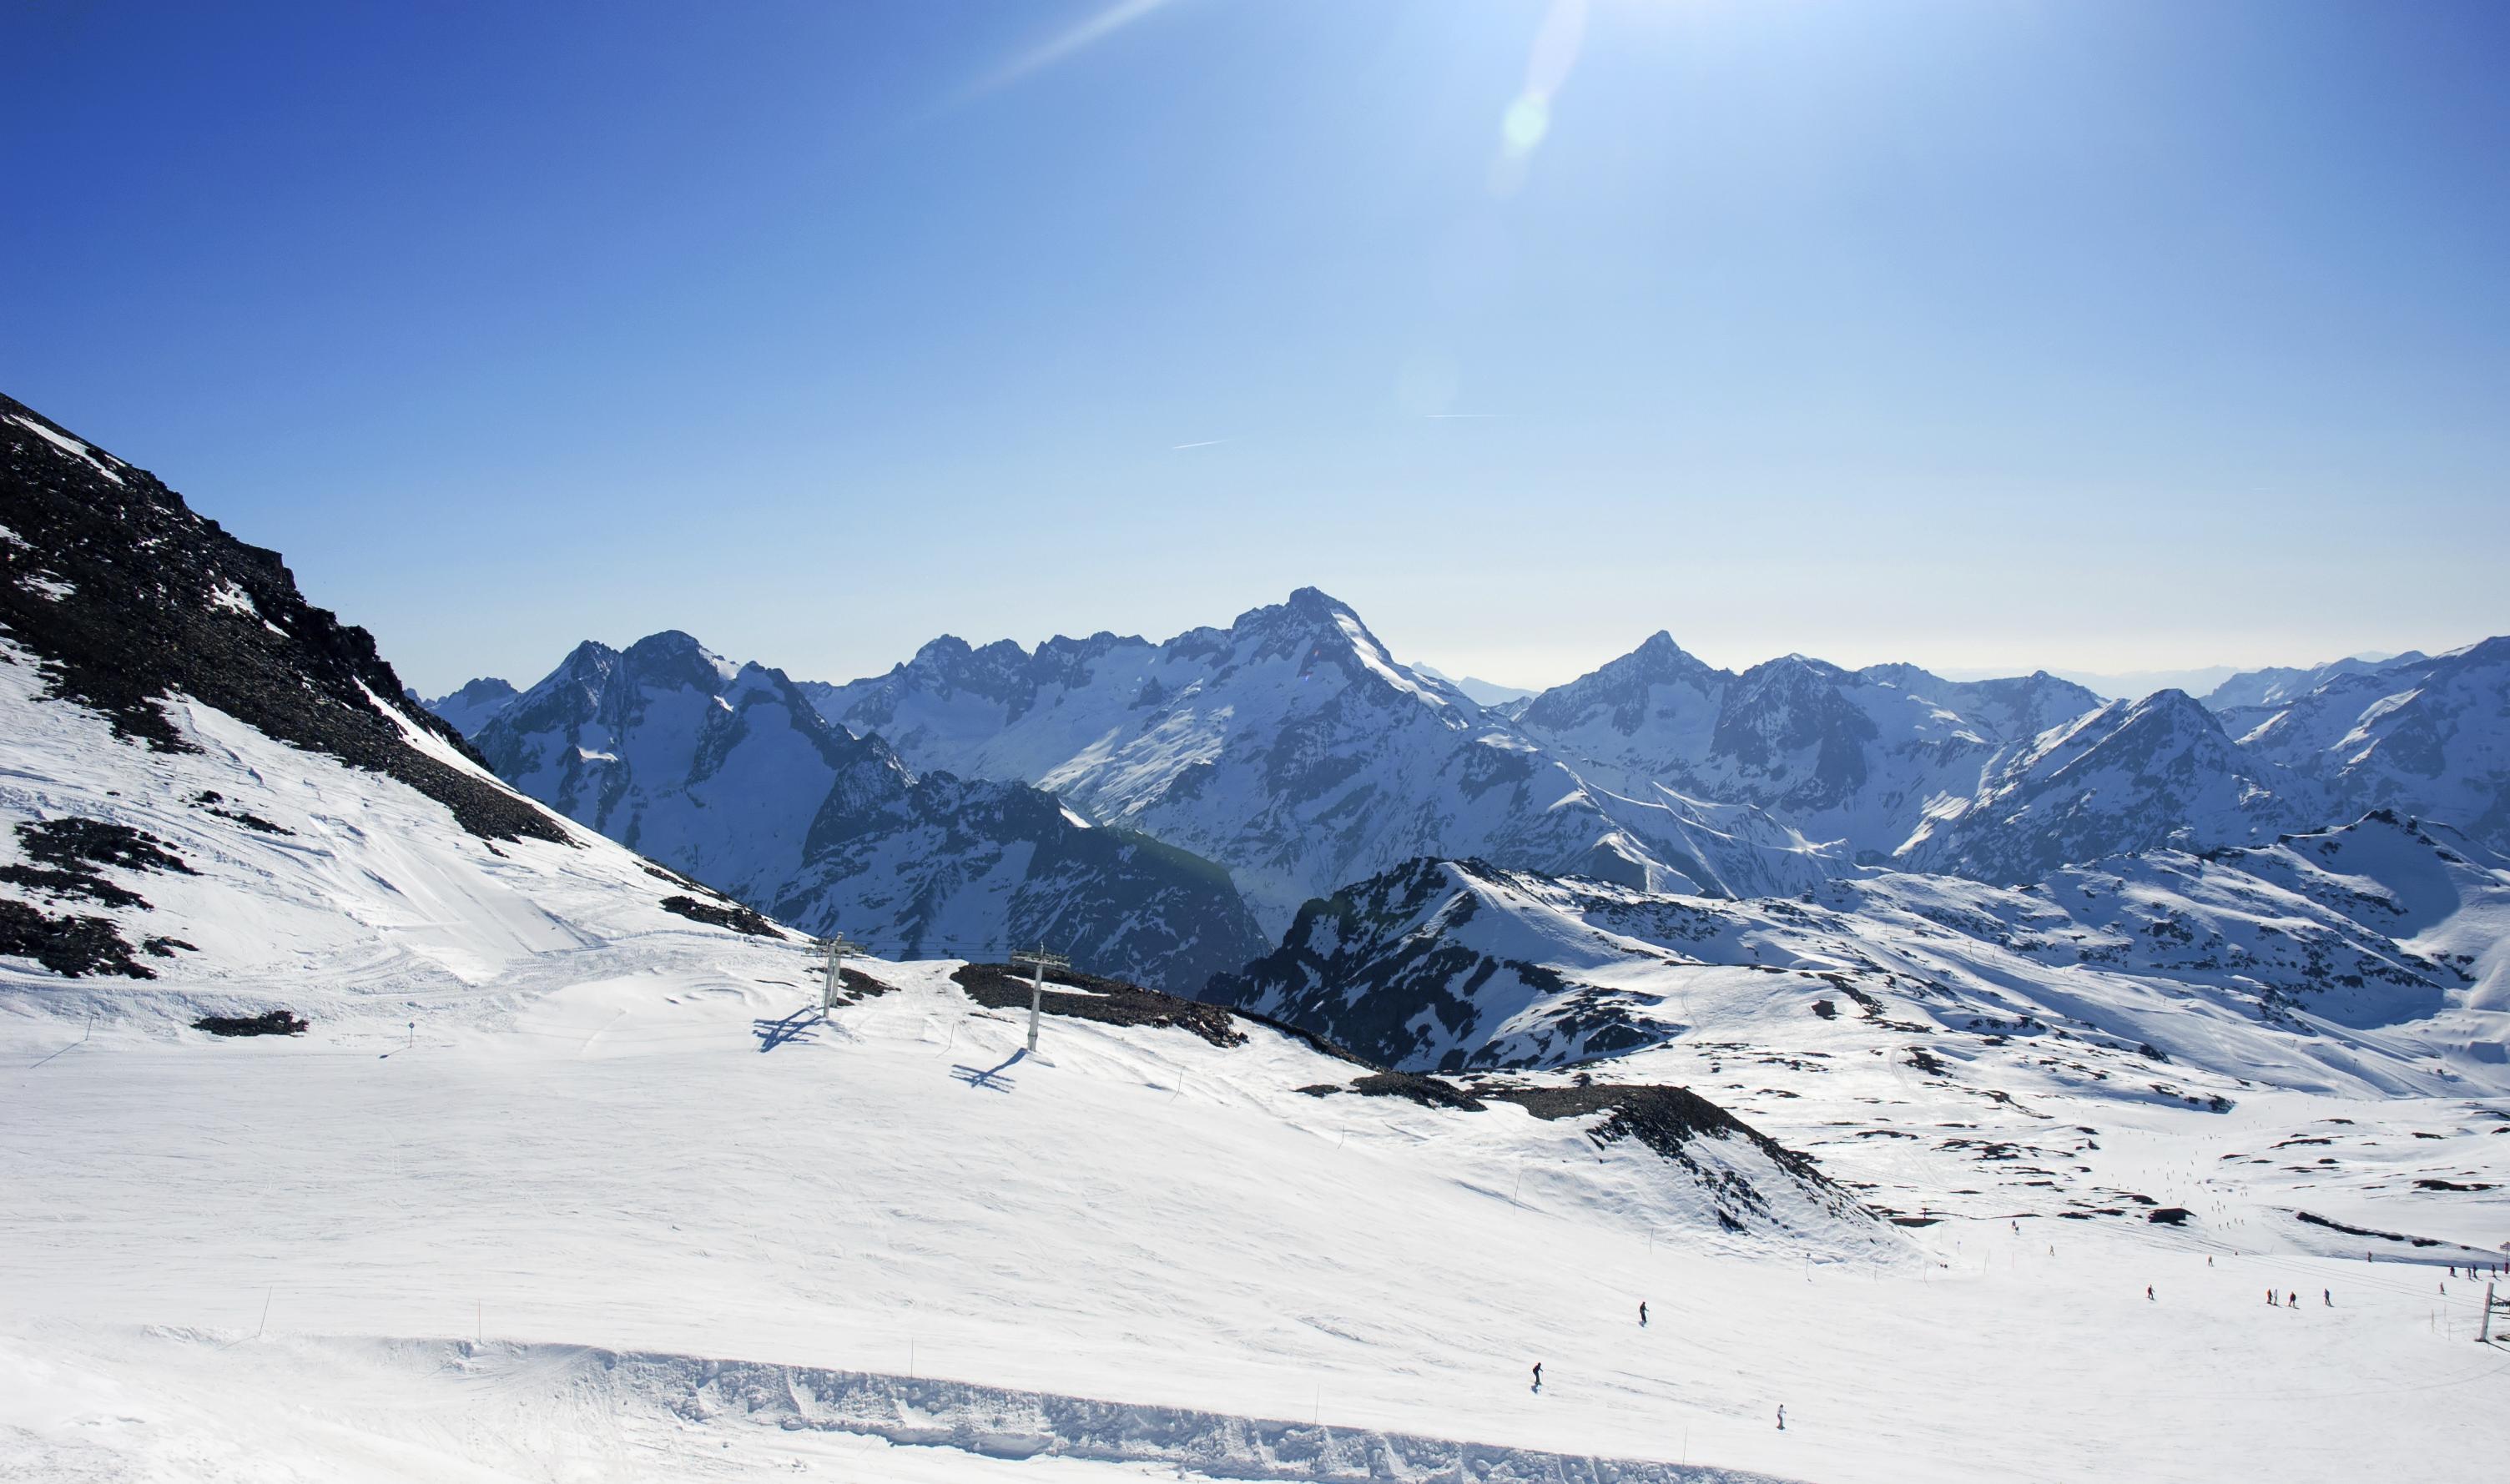 Les stations les 2 alpes transaltitude for Piscine les deux alpes